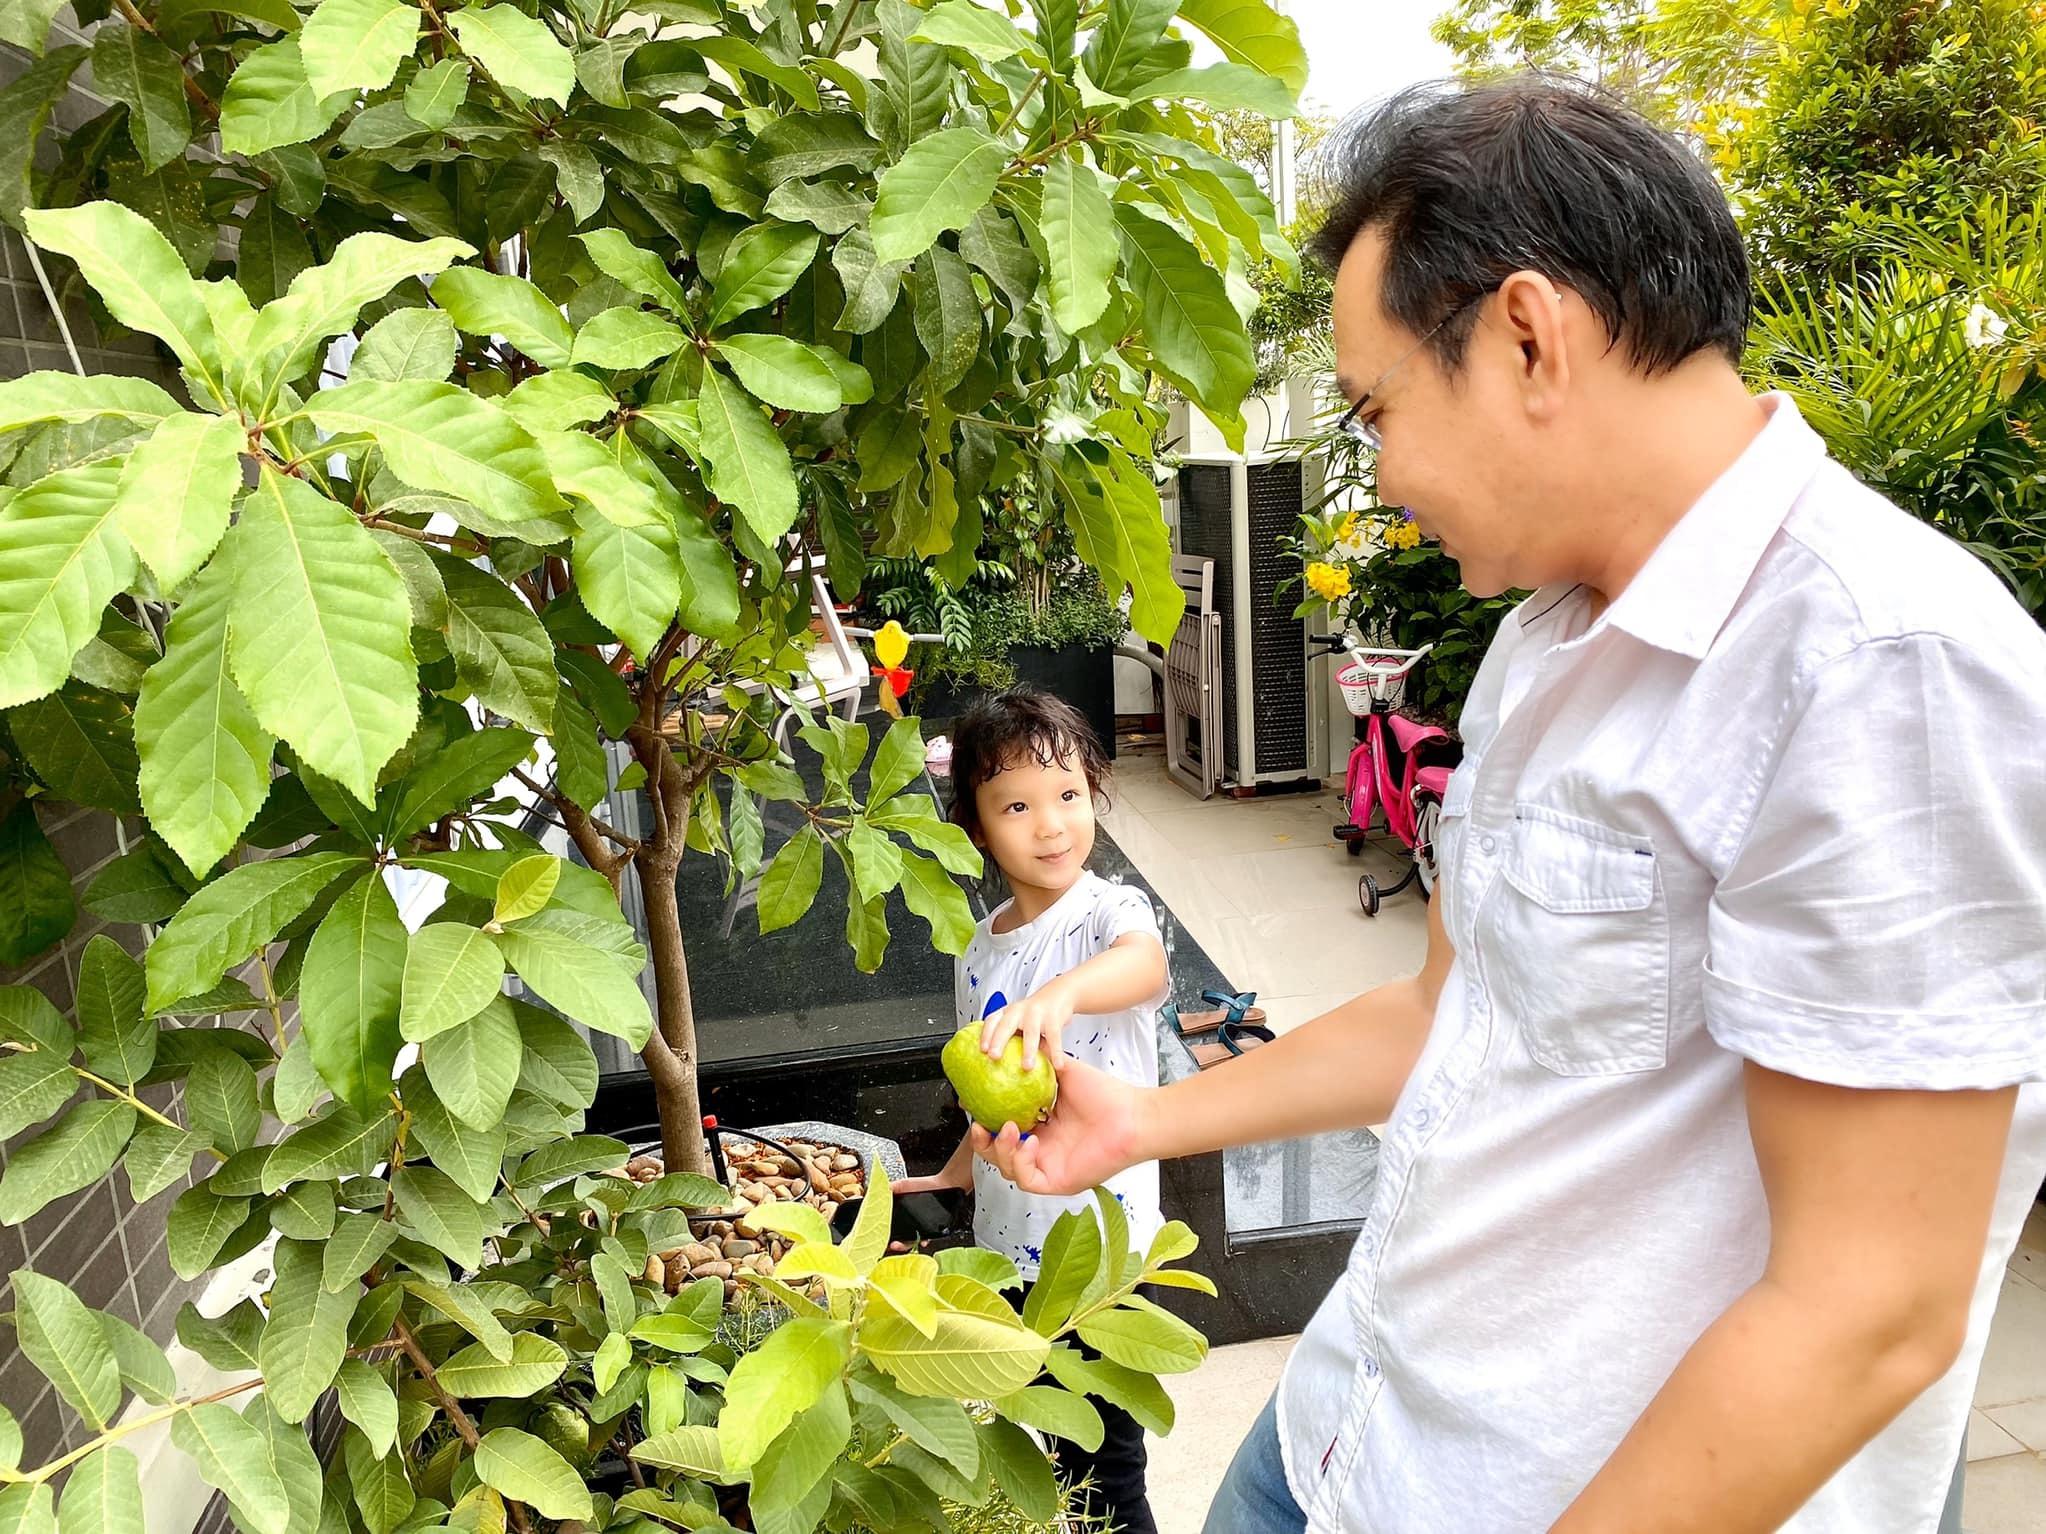 Ngắm biệt thự 10 tỷ ở quận 7 của chồng tặng NSƯT Trịnh Kim Chi - Ảnh 11.